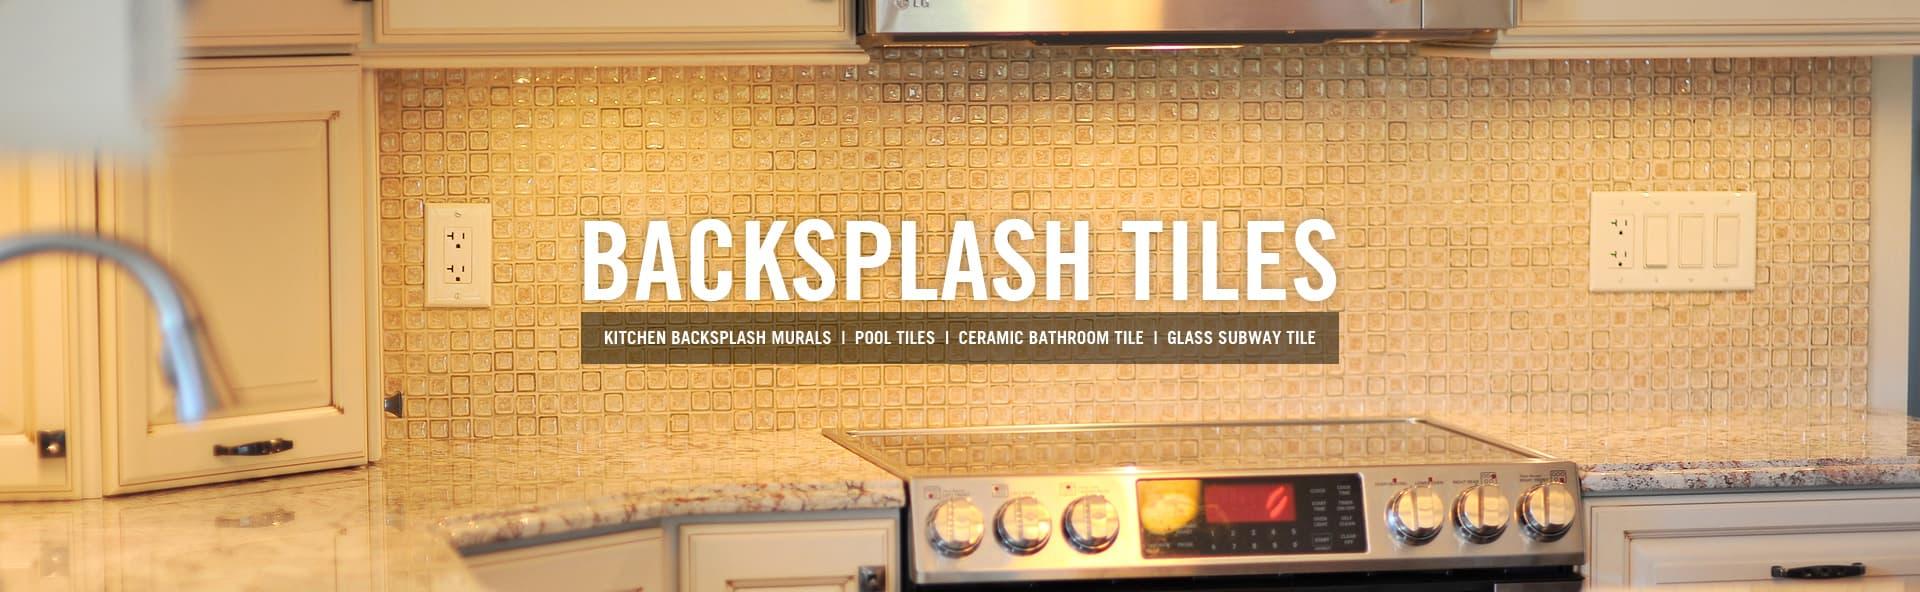 the best selection of kitchen backsplash tile i belk tile rh belktile com  buy backsplash tile online canada